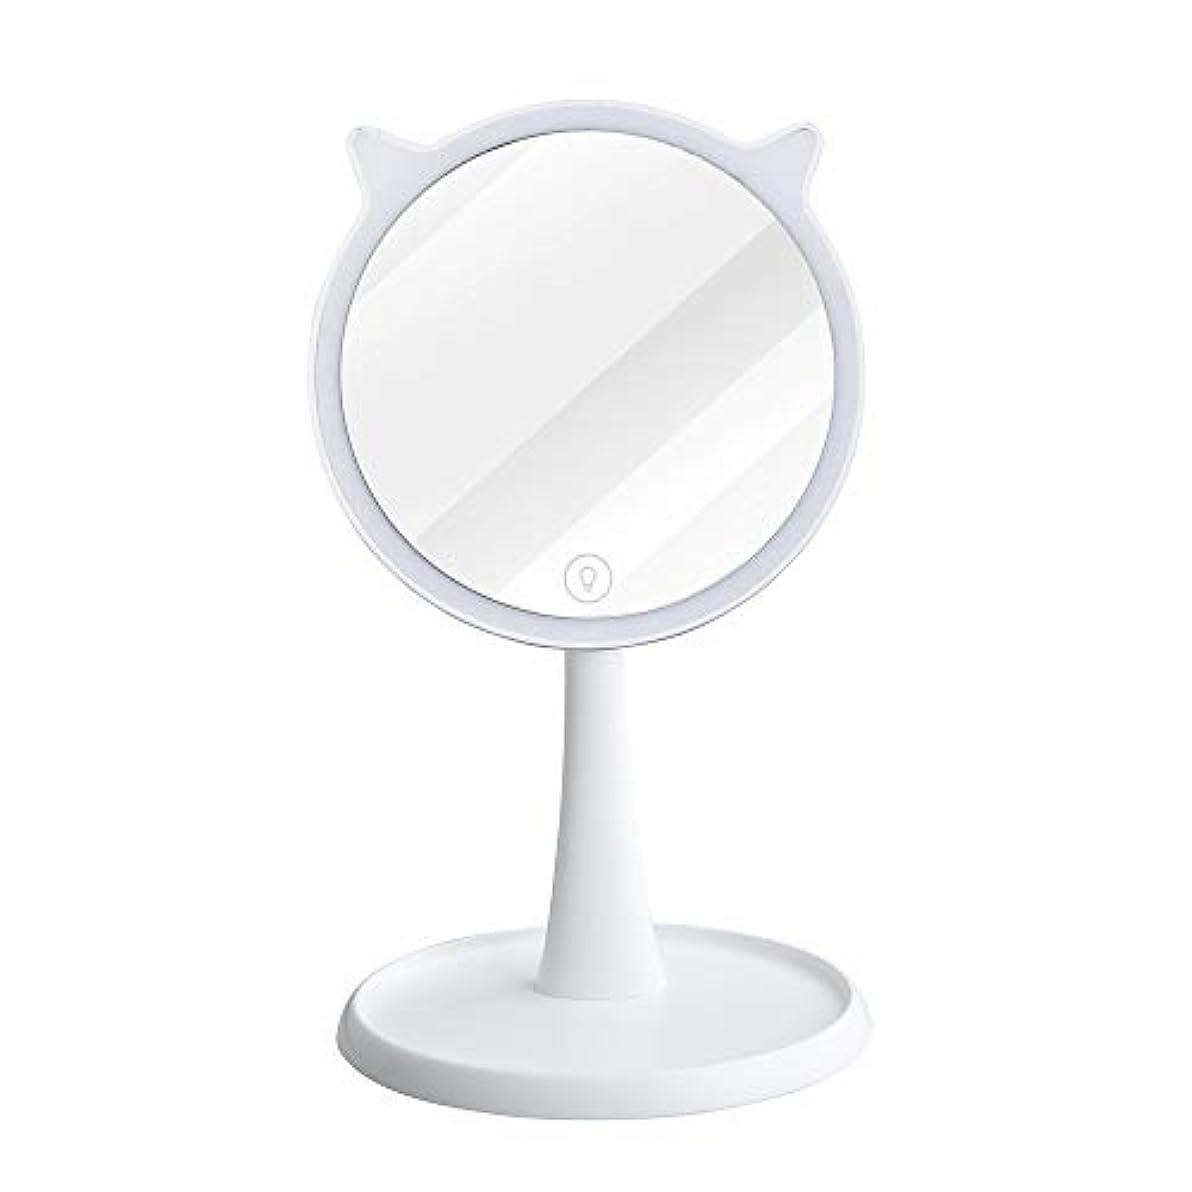 日付優れましたフェッチLED卓上化粧鏡 卓上鏡 ライト付き化粧鏡 等倍鏡 猫型化粧鏡 120度回転式 折りたたみ 収納 自然光 スタンドミラー ライティングミラー 女優ミラー ホワイト